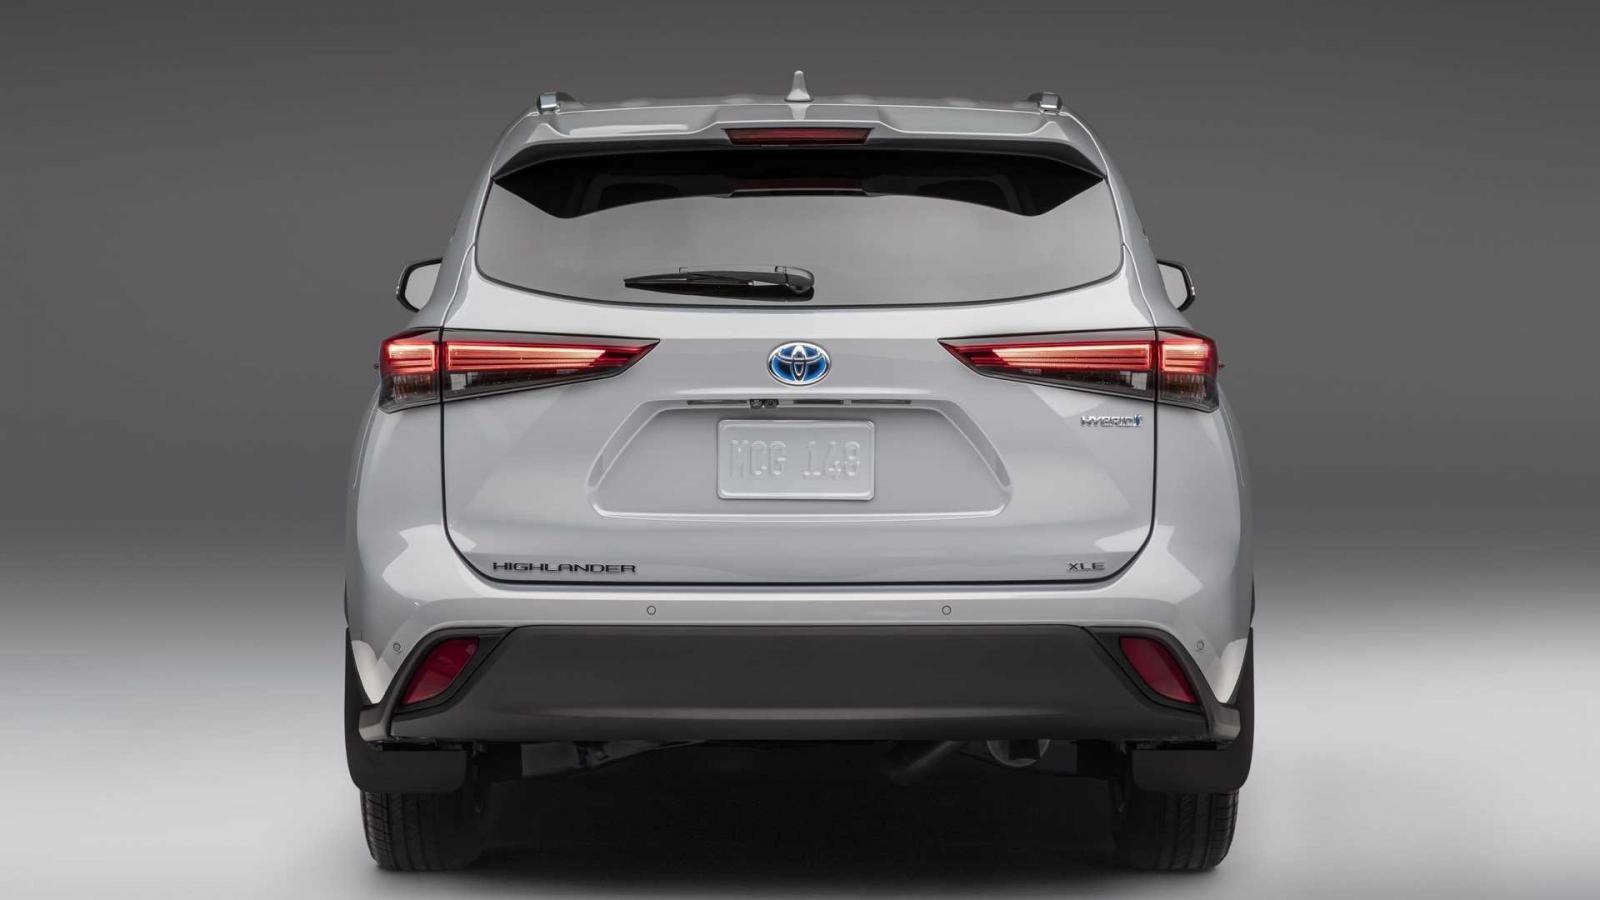 Toyota Highlander 2022 Bronze Edition hiện đại, mạnh mẽ và đầy đủ tiện nghi.